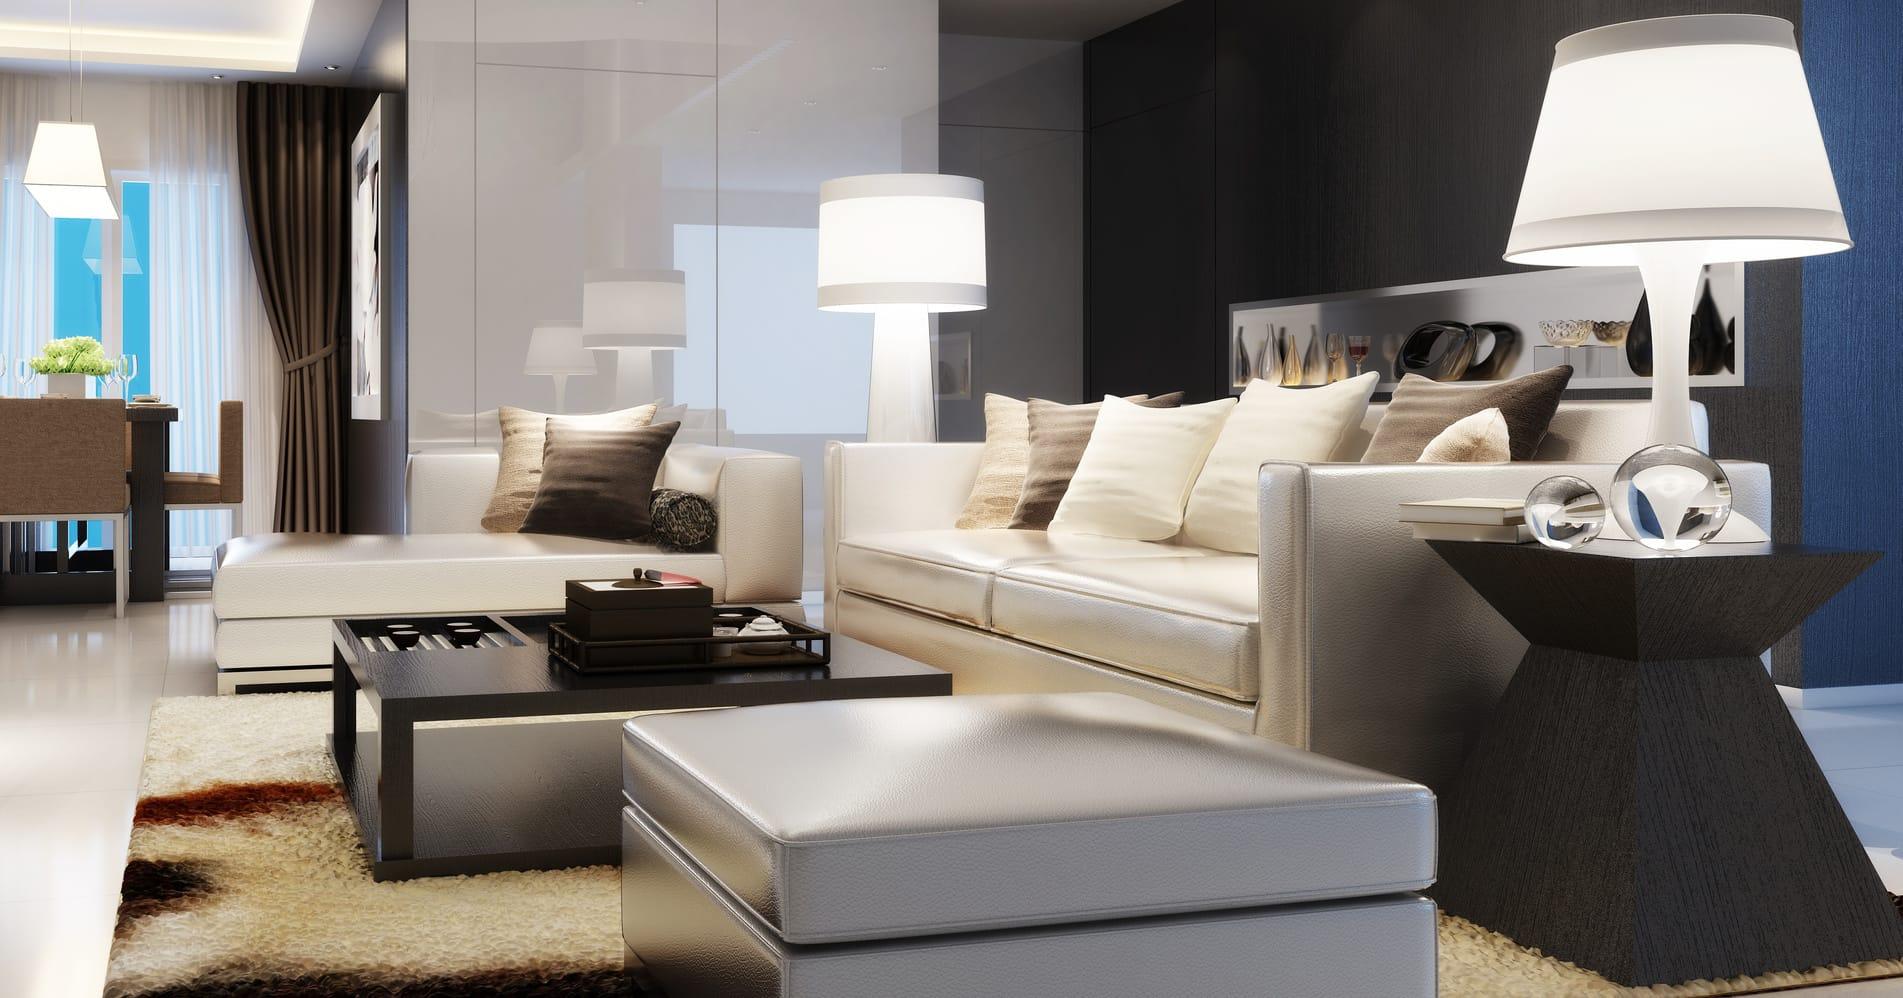 10m2 schlafzimmer einrichten schlafzimmer 12m2 einrichten king queen bettw sche w rmestufen. Black Bedroom Furniture Sets. Home Design Ideas